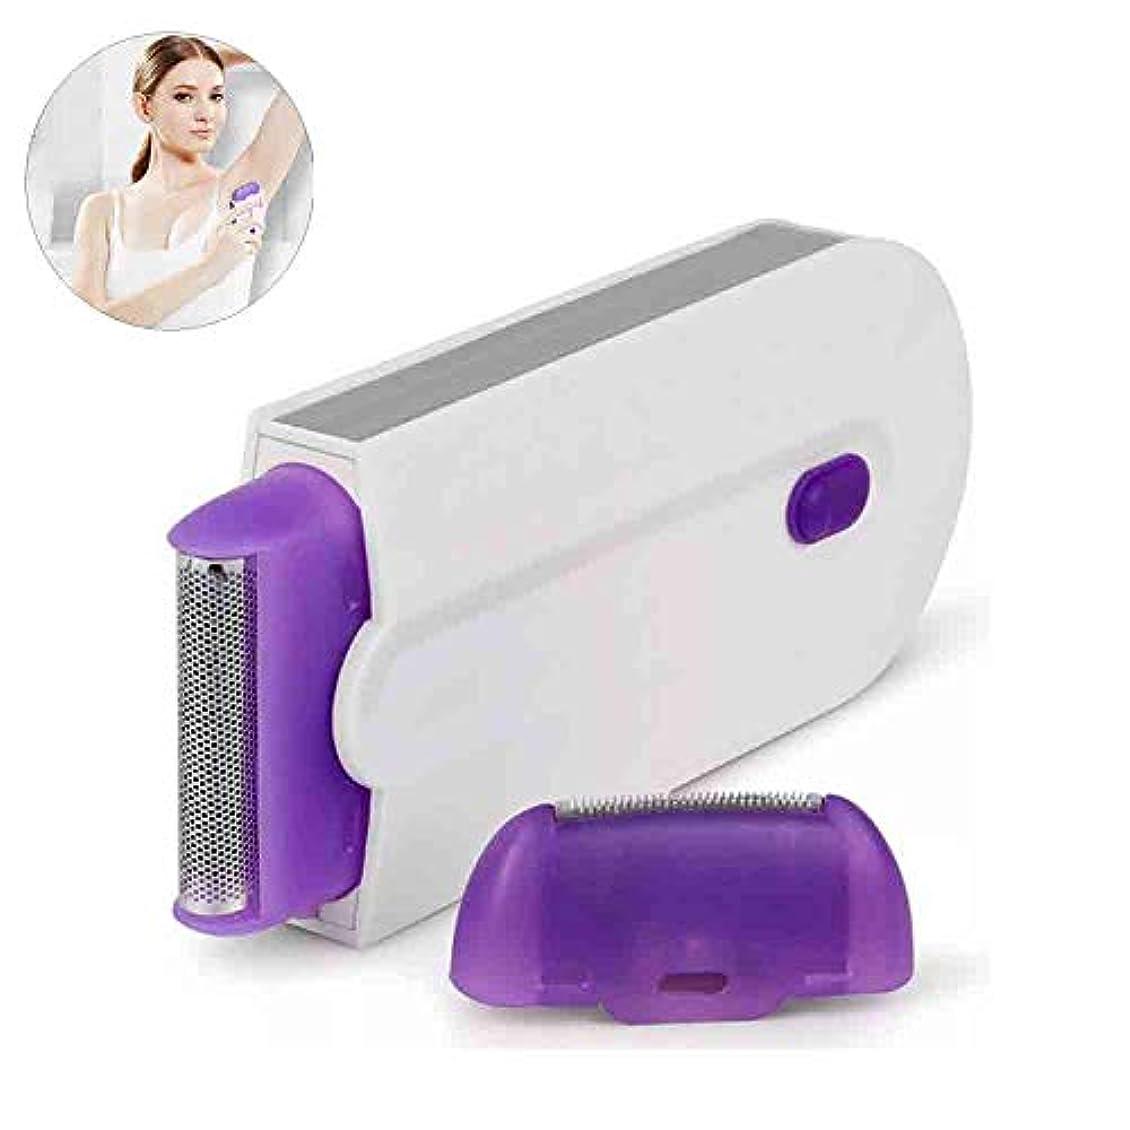 請う滅びる比率電気シェーバー、USB 充電誘導の女性の摘採装置、レーザー脱毛